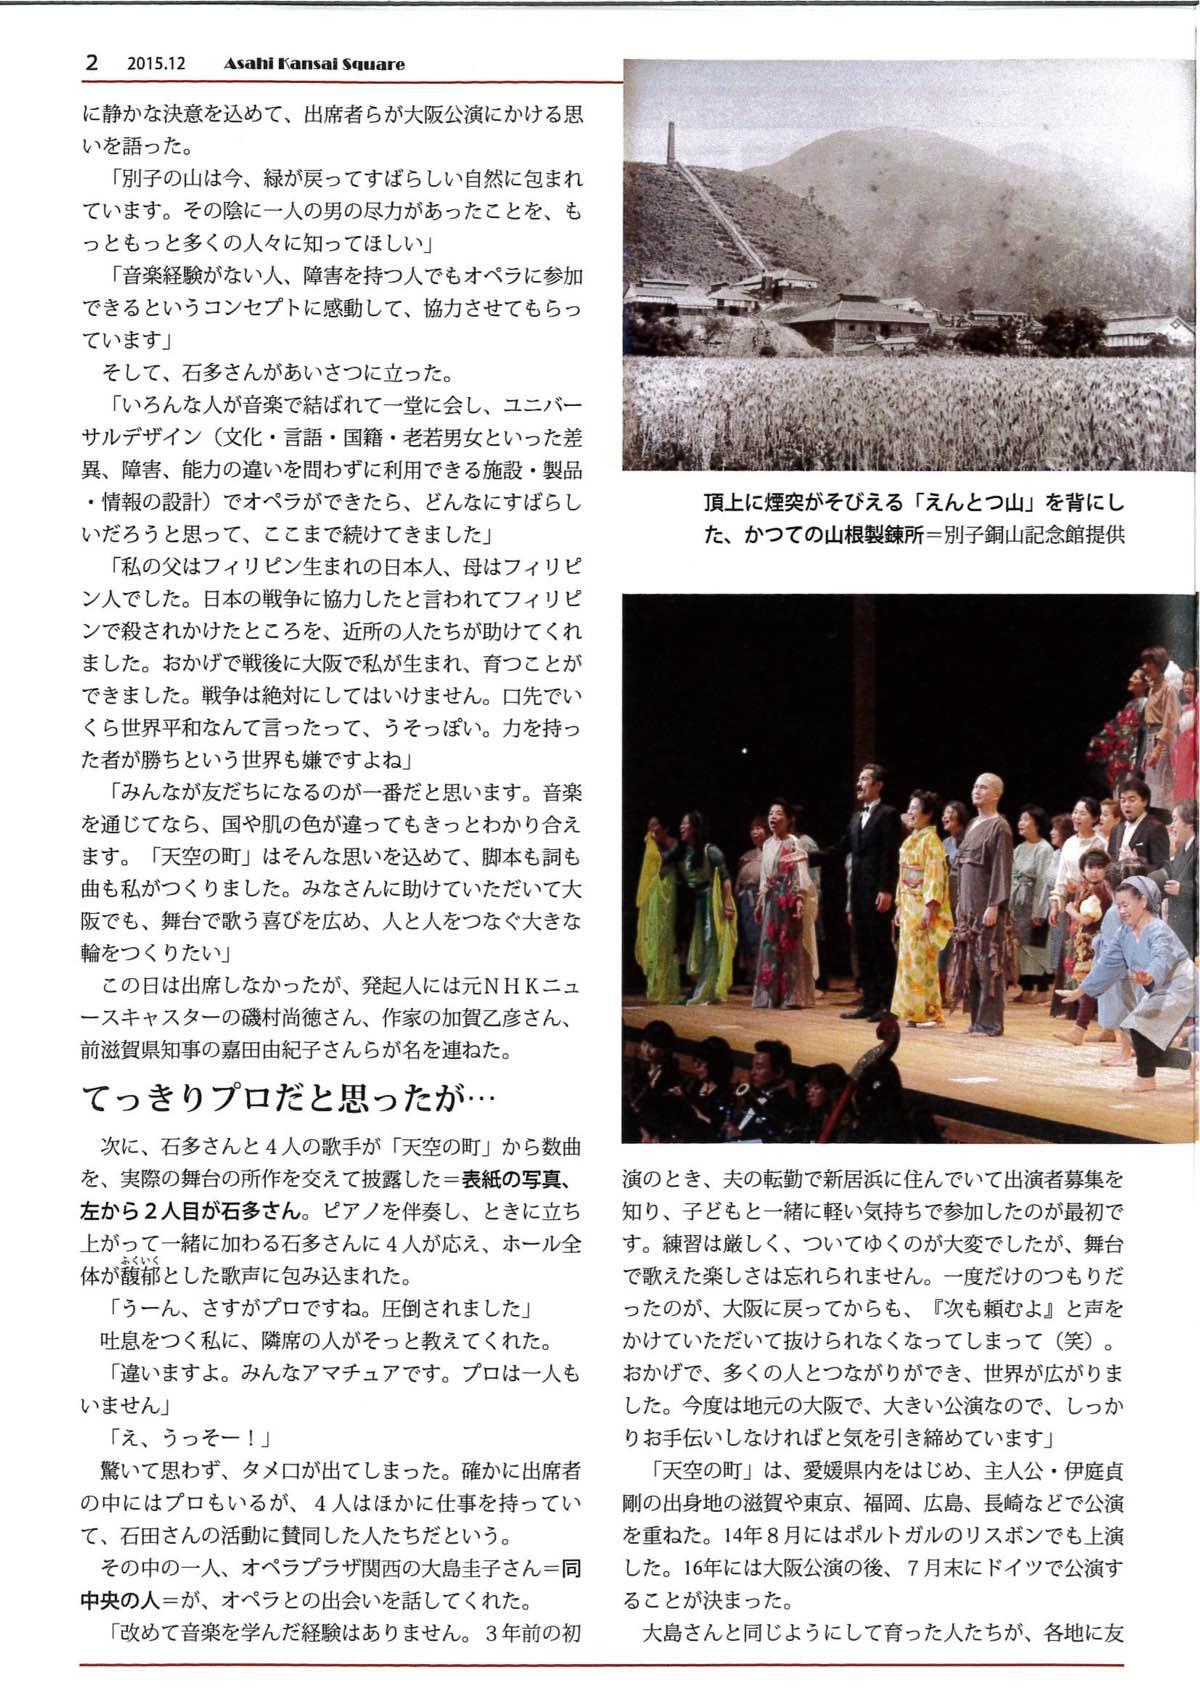 ようこそ!東京オペラ協会のホームページへ!